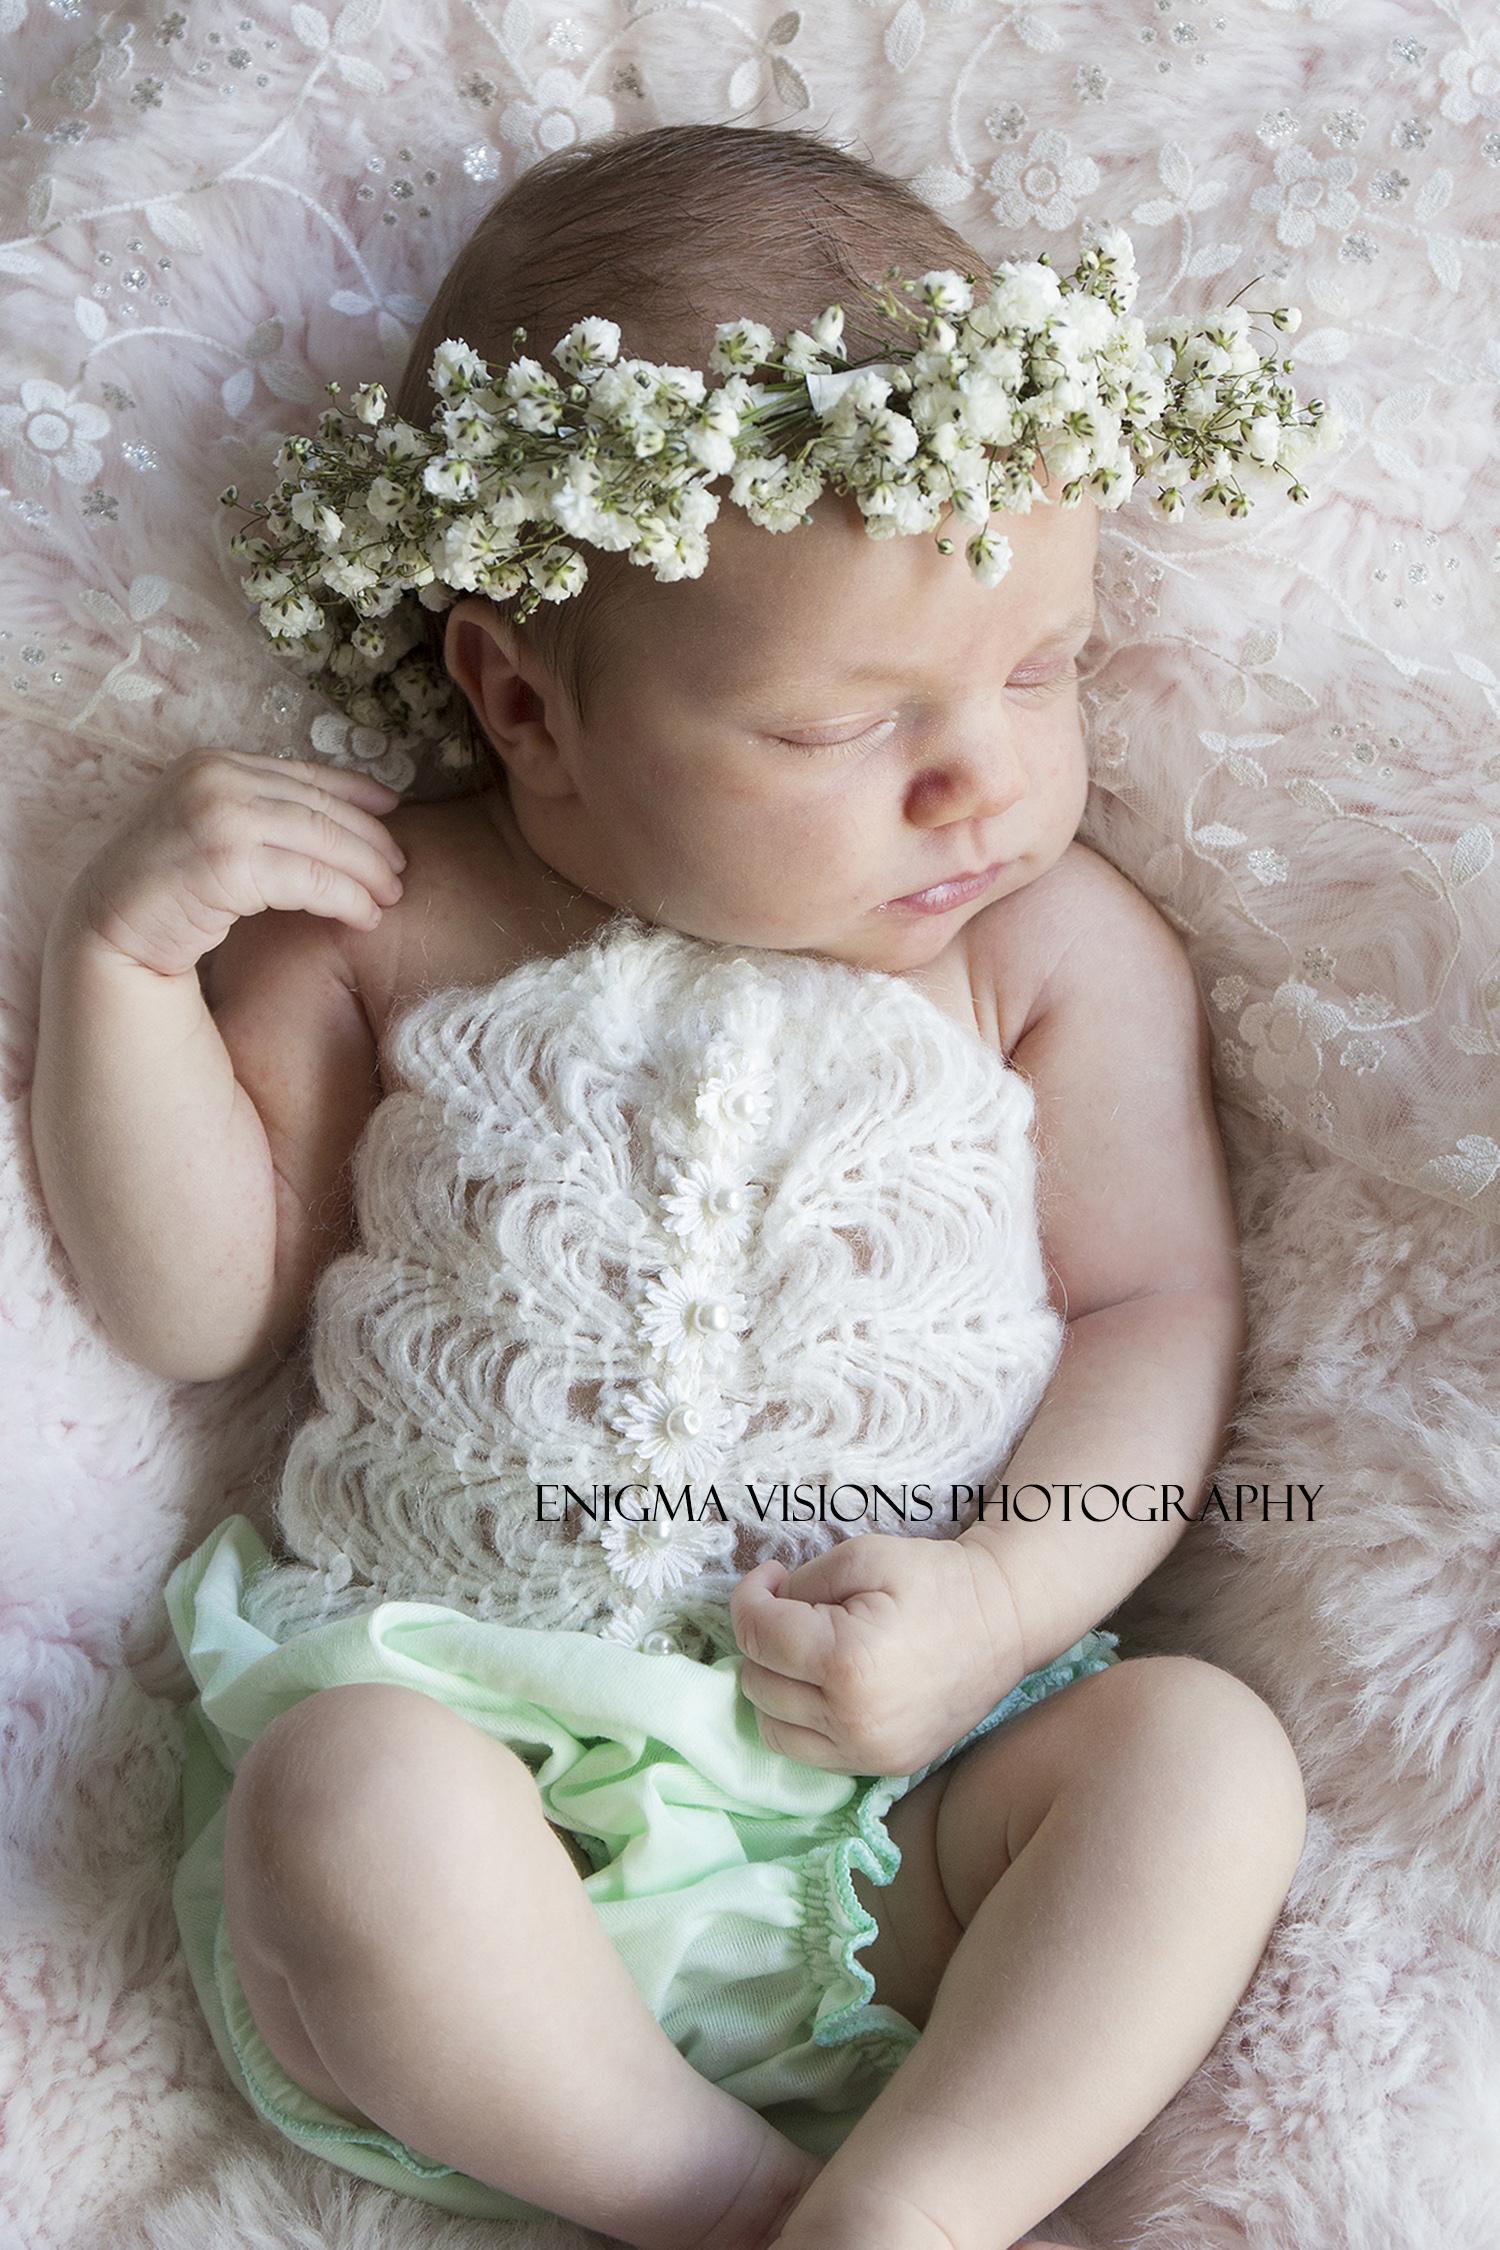 enigma_visions_photography_newborn_tara_tom_ashlyn  (4).jpg